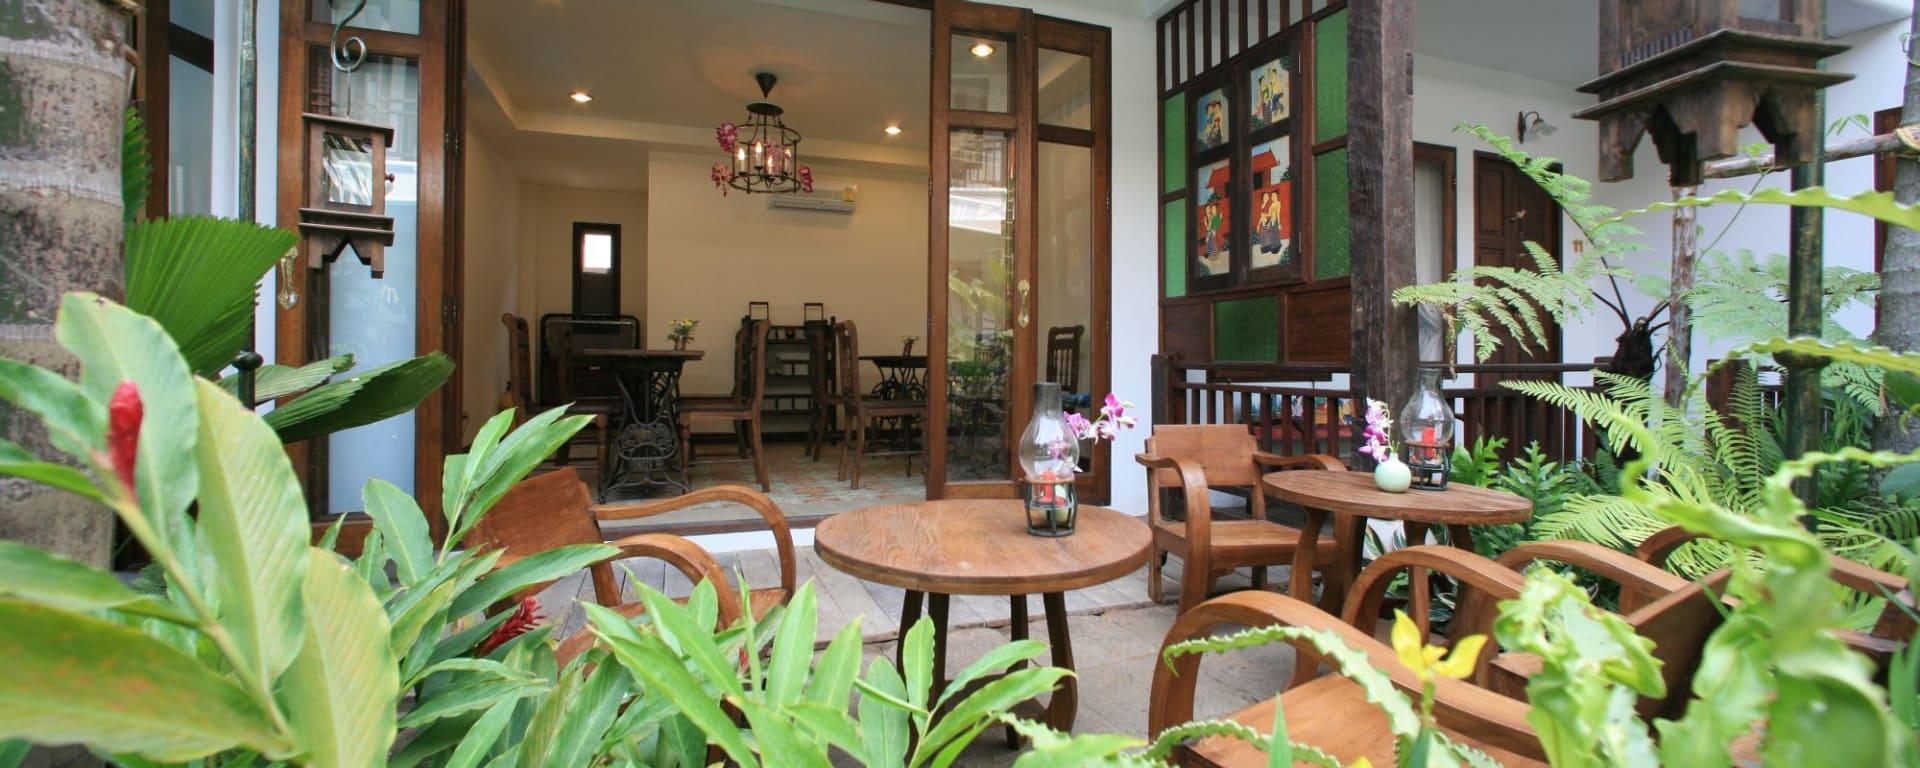 Shewe Wana Boutique Resort & Spa in Chiang Mai: Restaurant